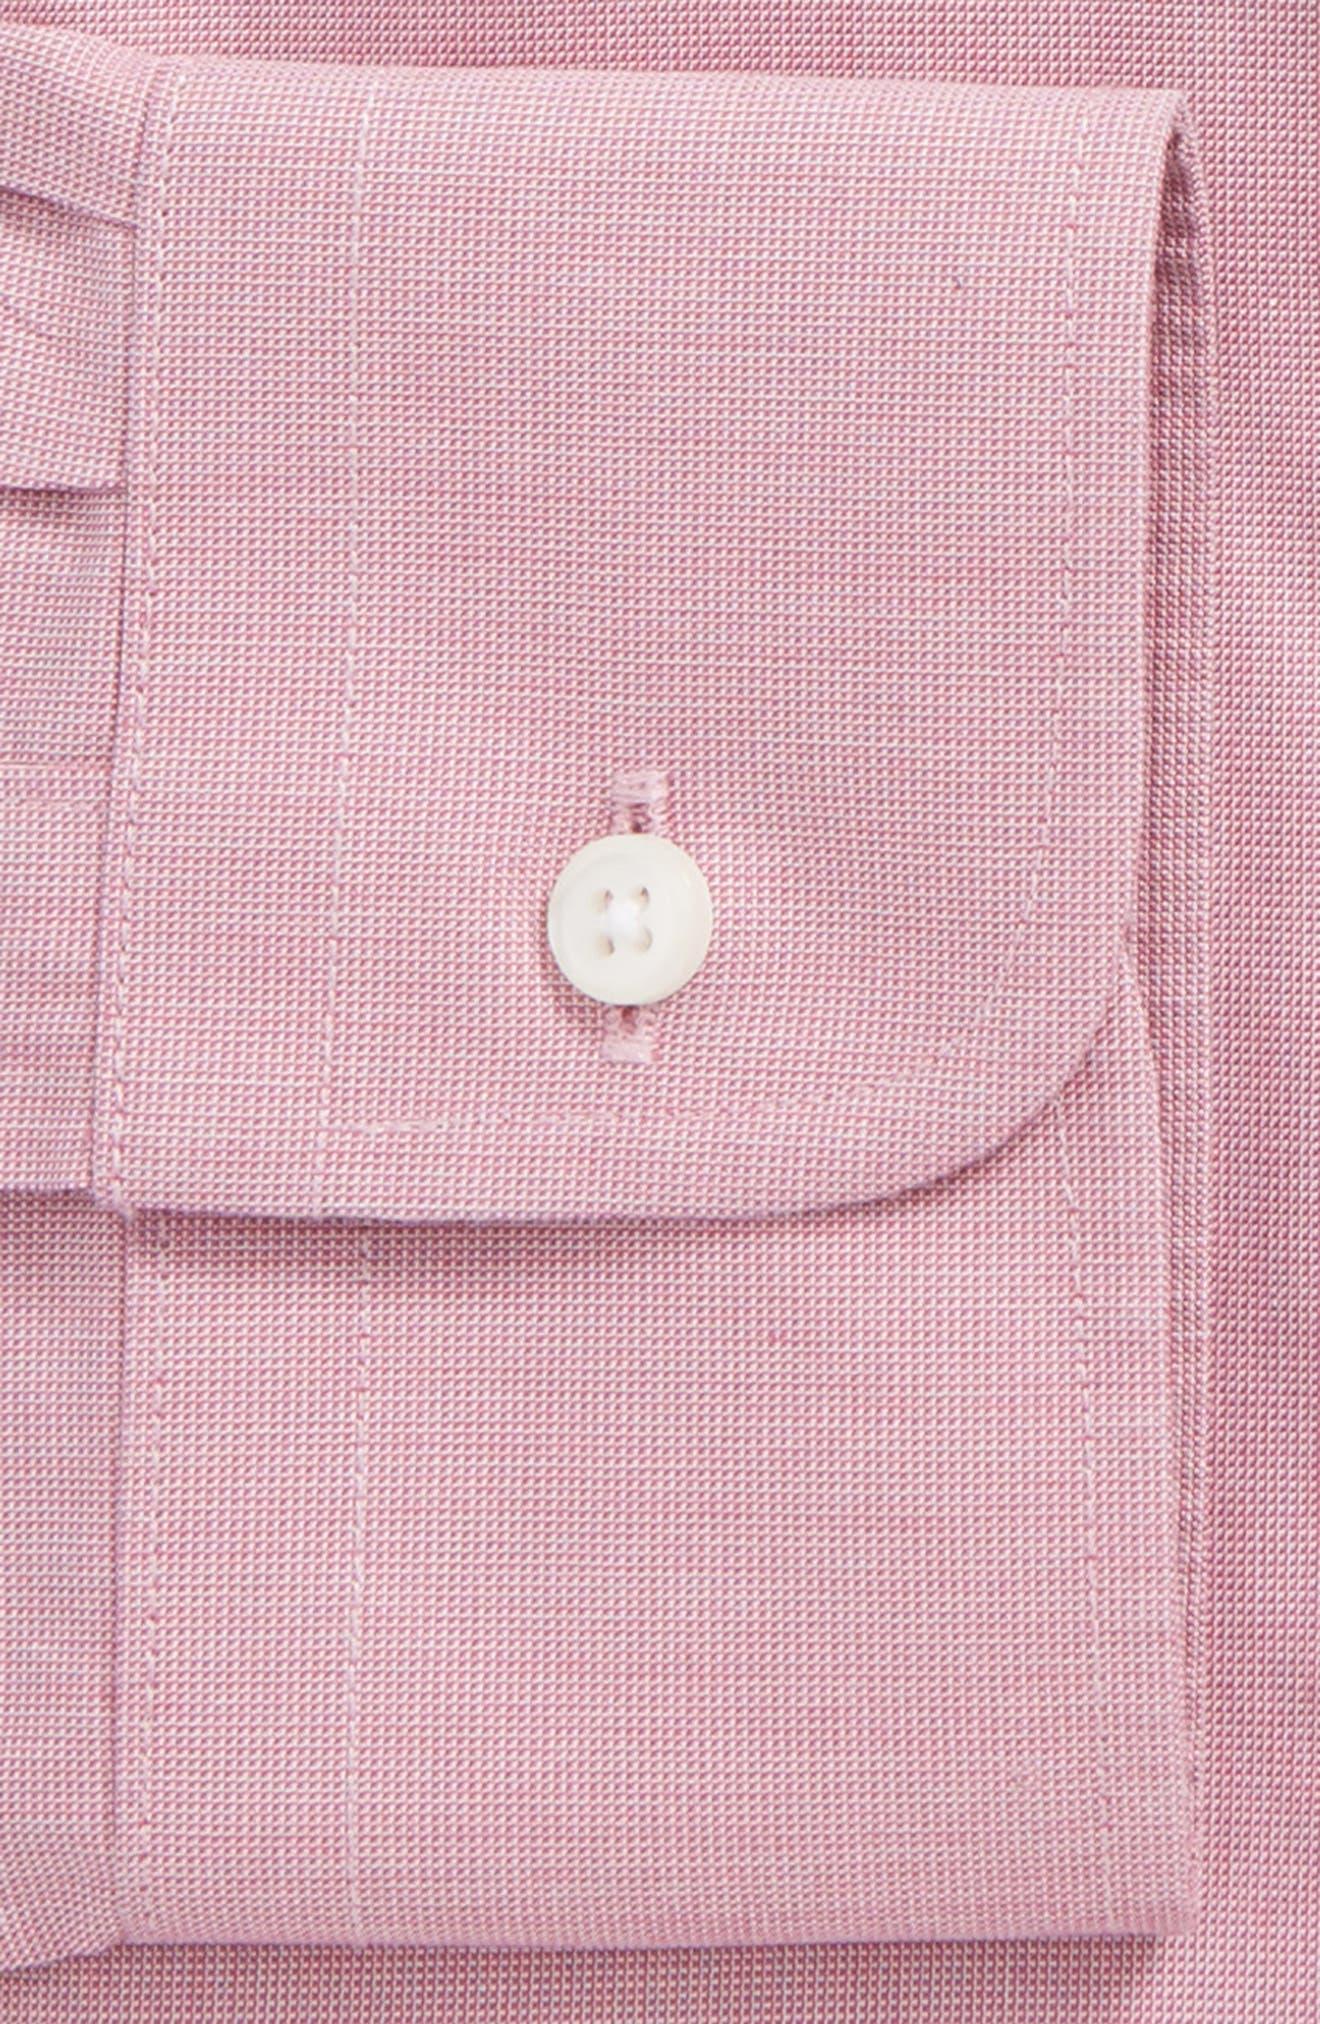 NORDSTROM MEN'S SHOP,                             Smartcare<sup>™</sup> Classic Fit Pinpoint Dress Shirt,                             Alternate thumbnail 2, color,                             650